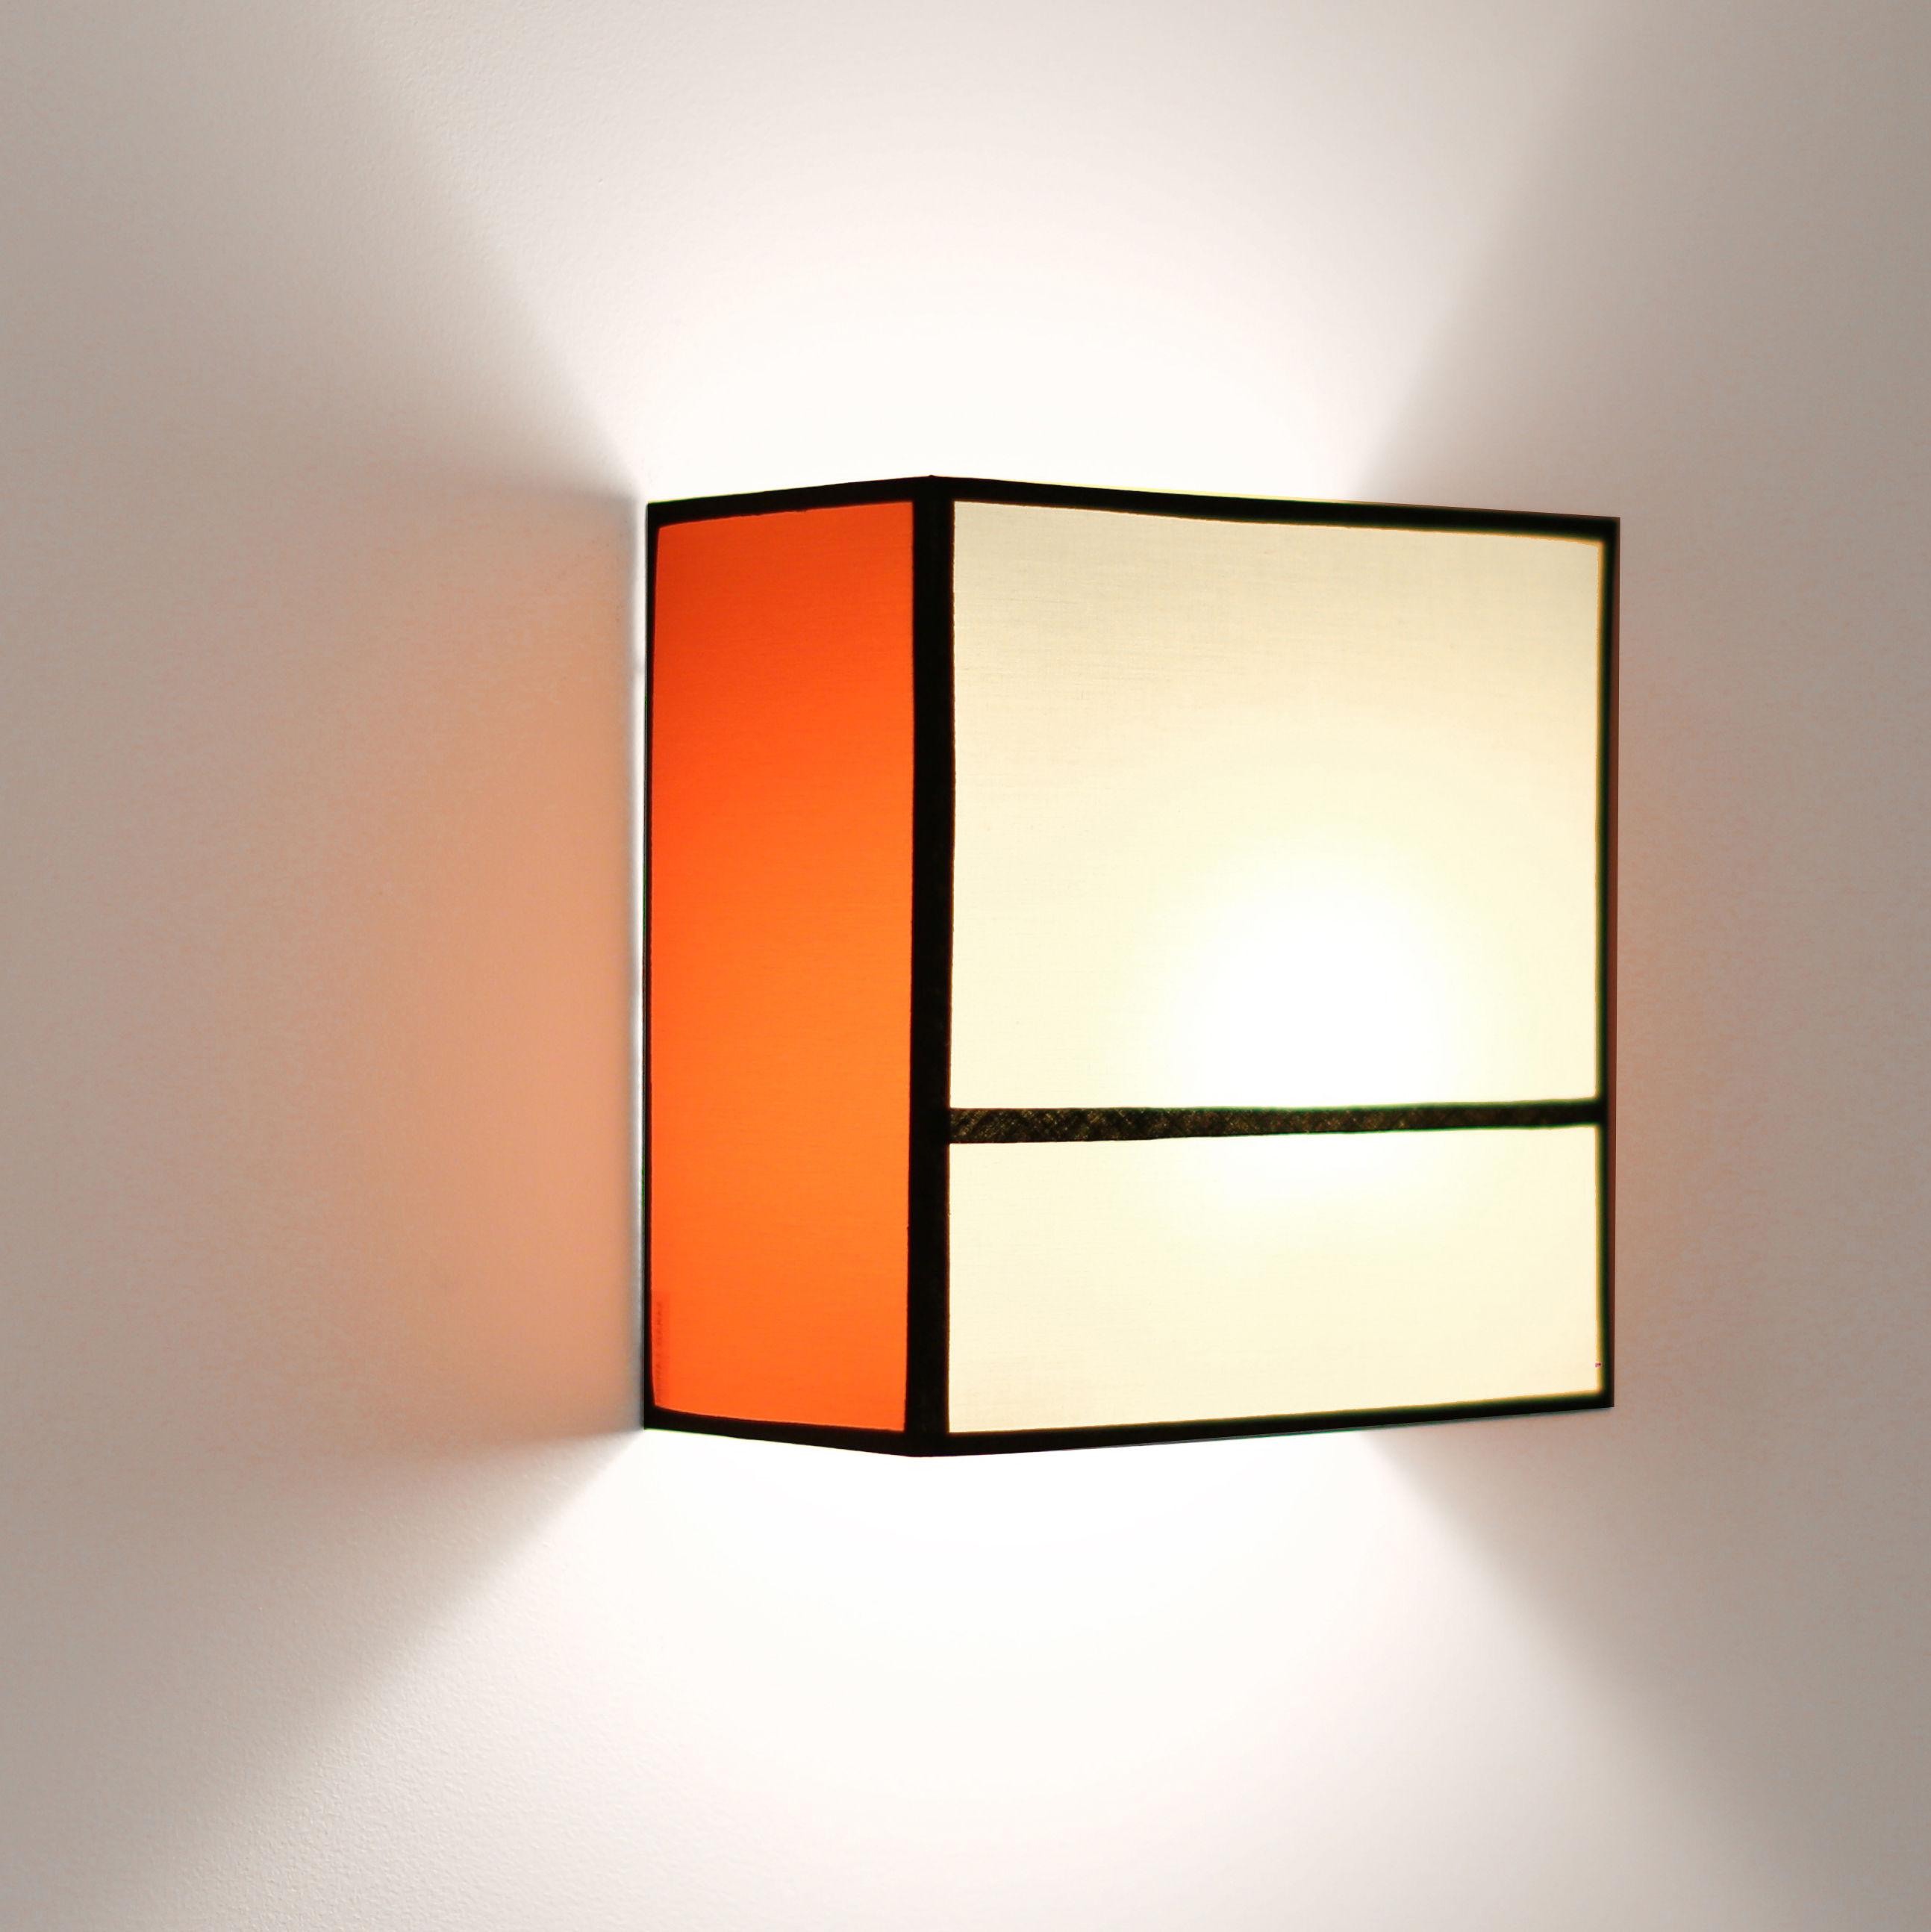 radieuse small ohne fassung und stromanschluss h 25 cm maison sarah lavoine wandleuchte. Black Bedroom Furniture Sets. Home Design Ideas